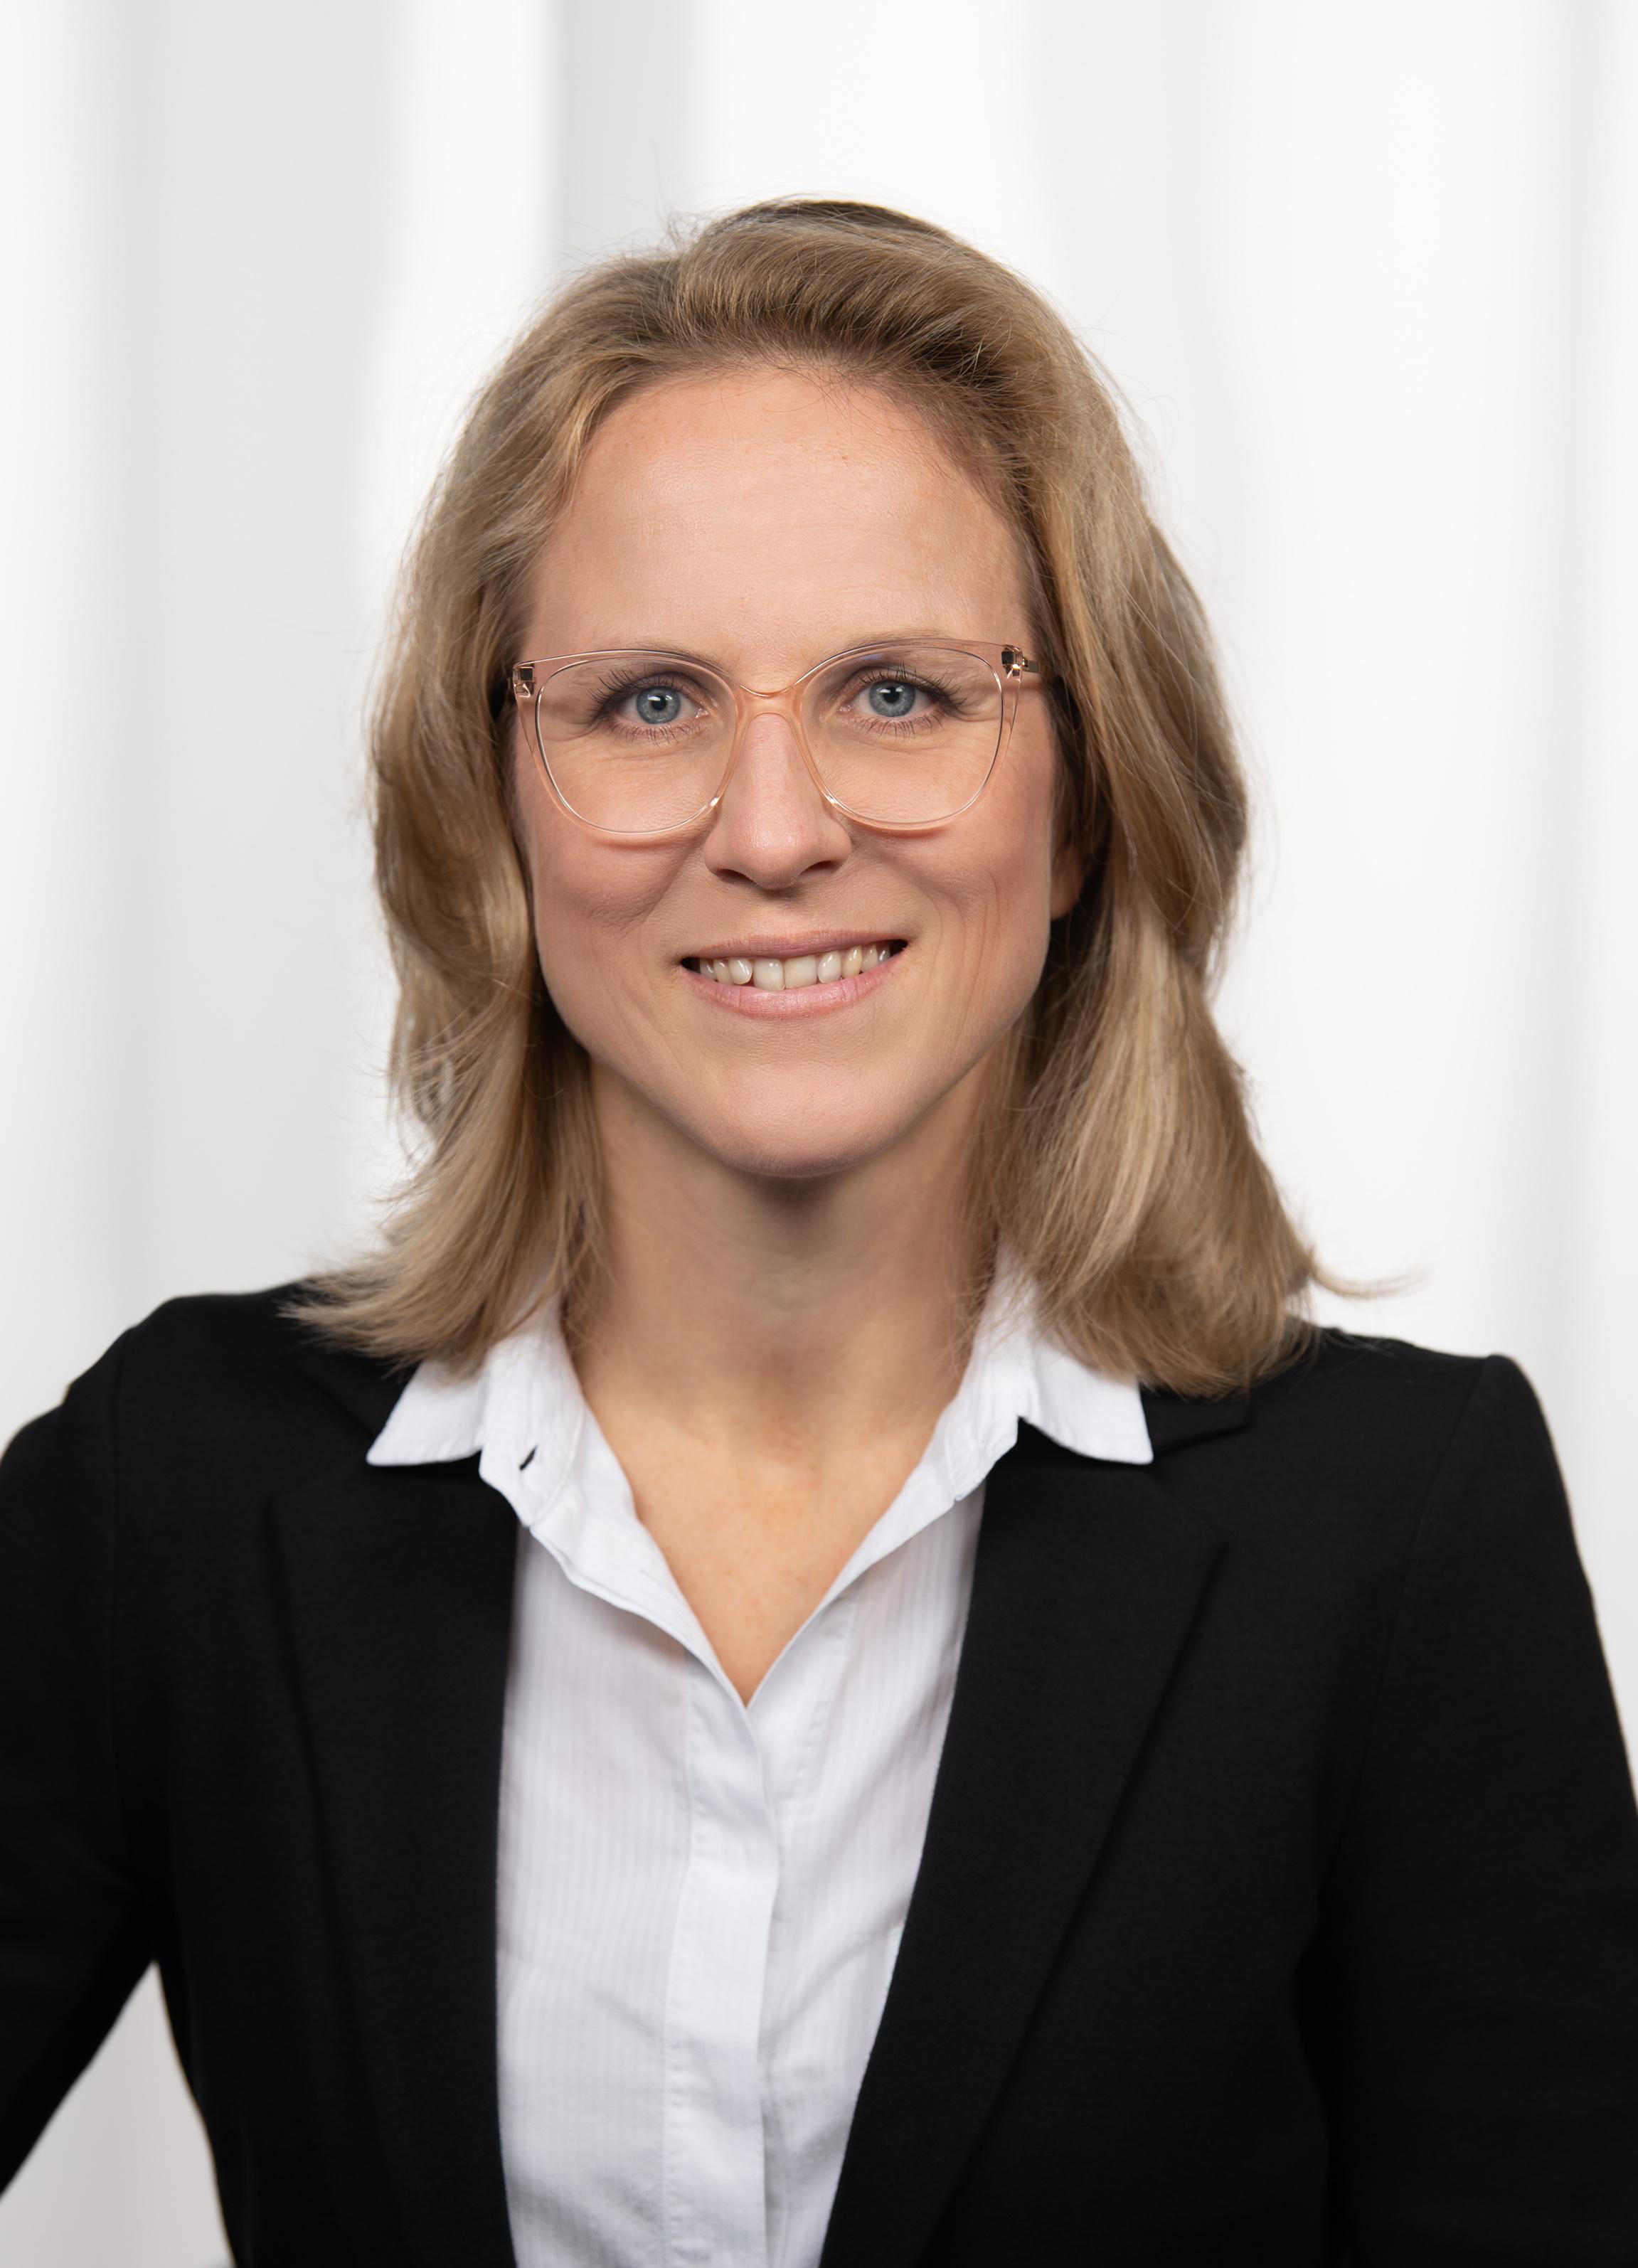 Mag. Alexandra Schwaiger-Faber